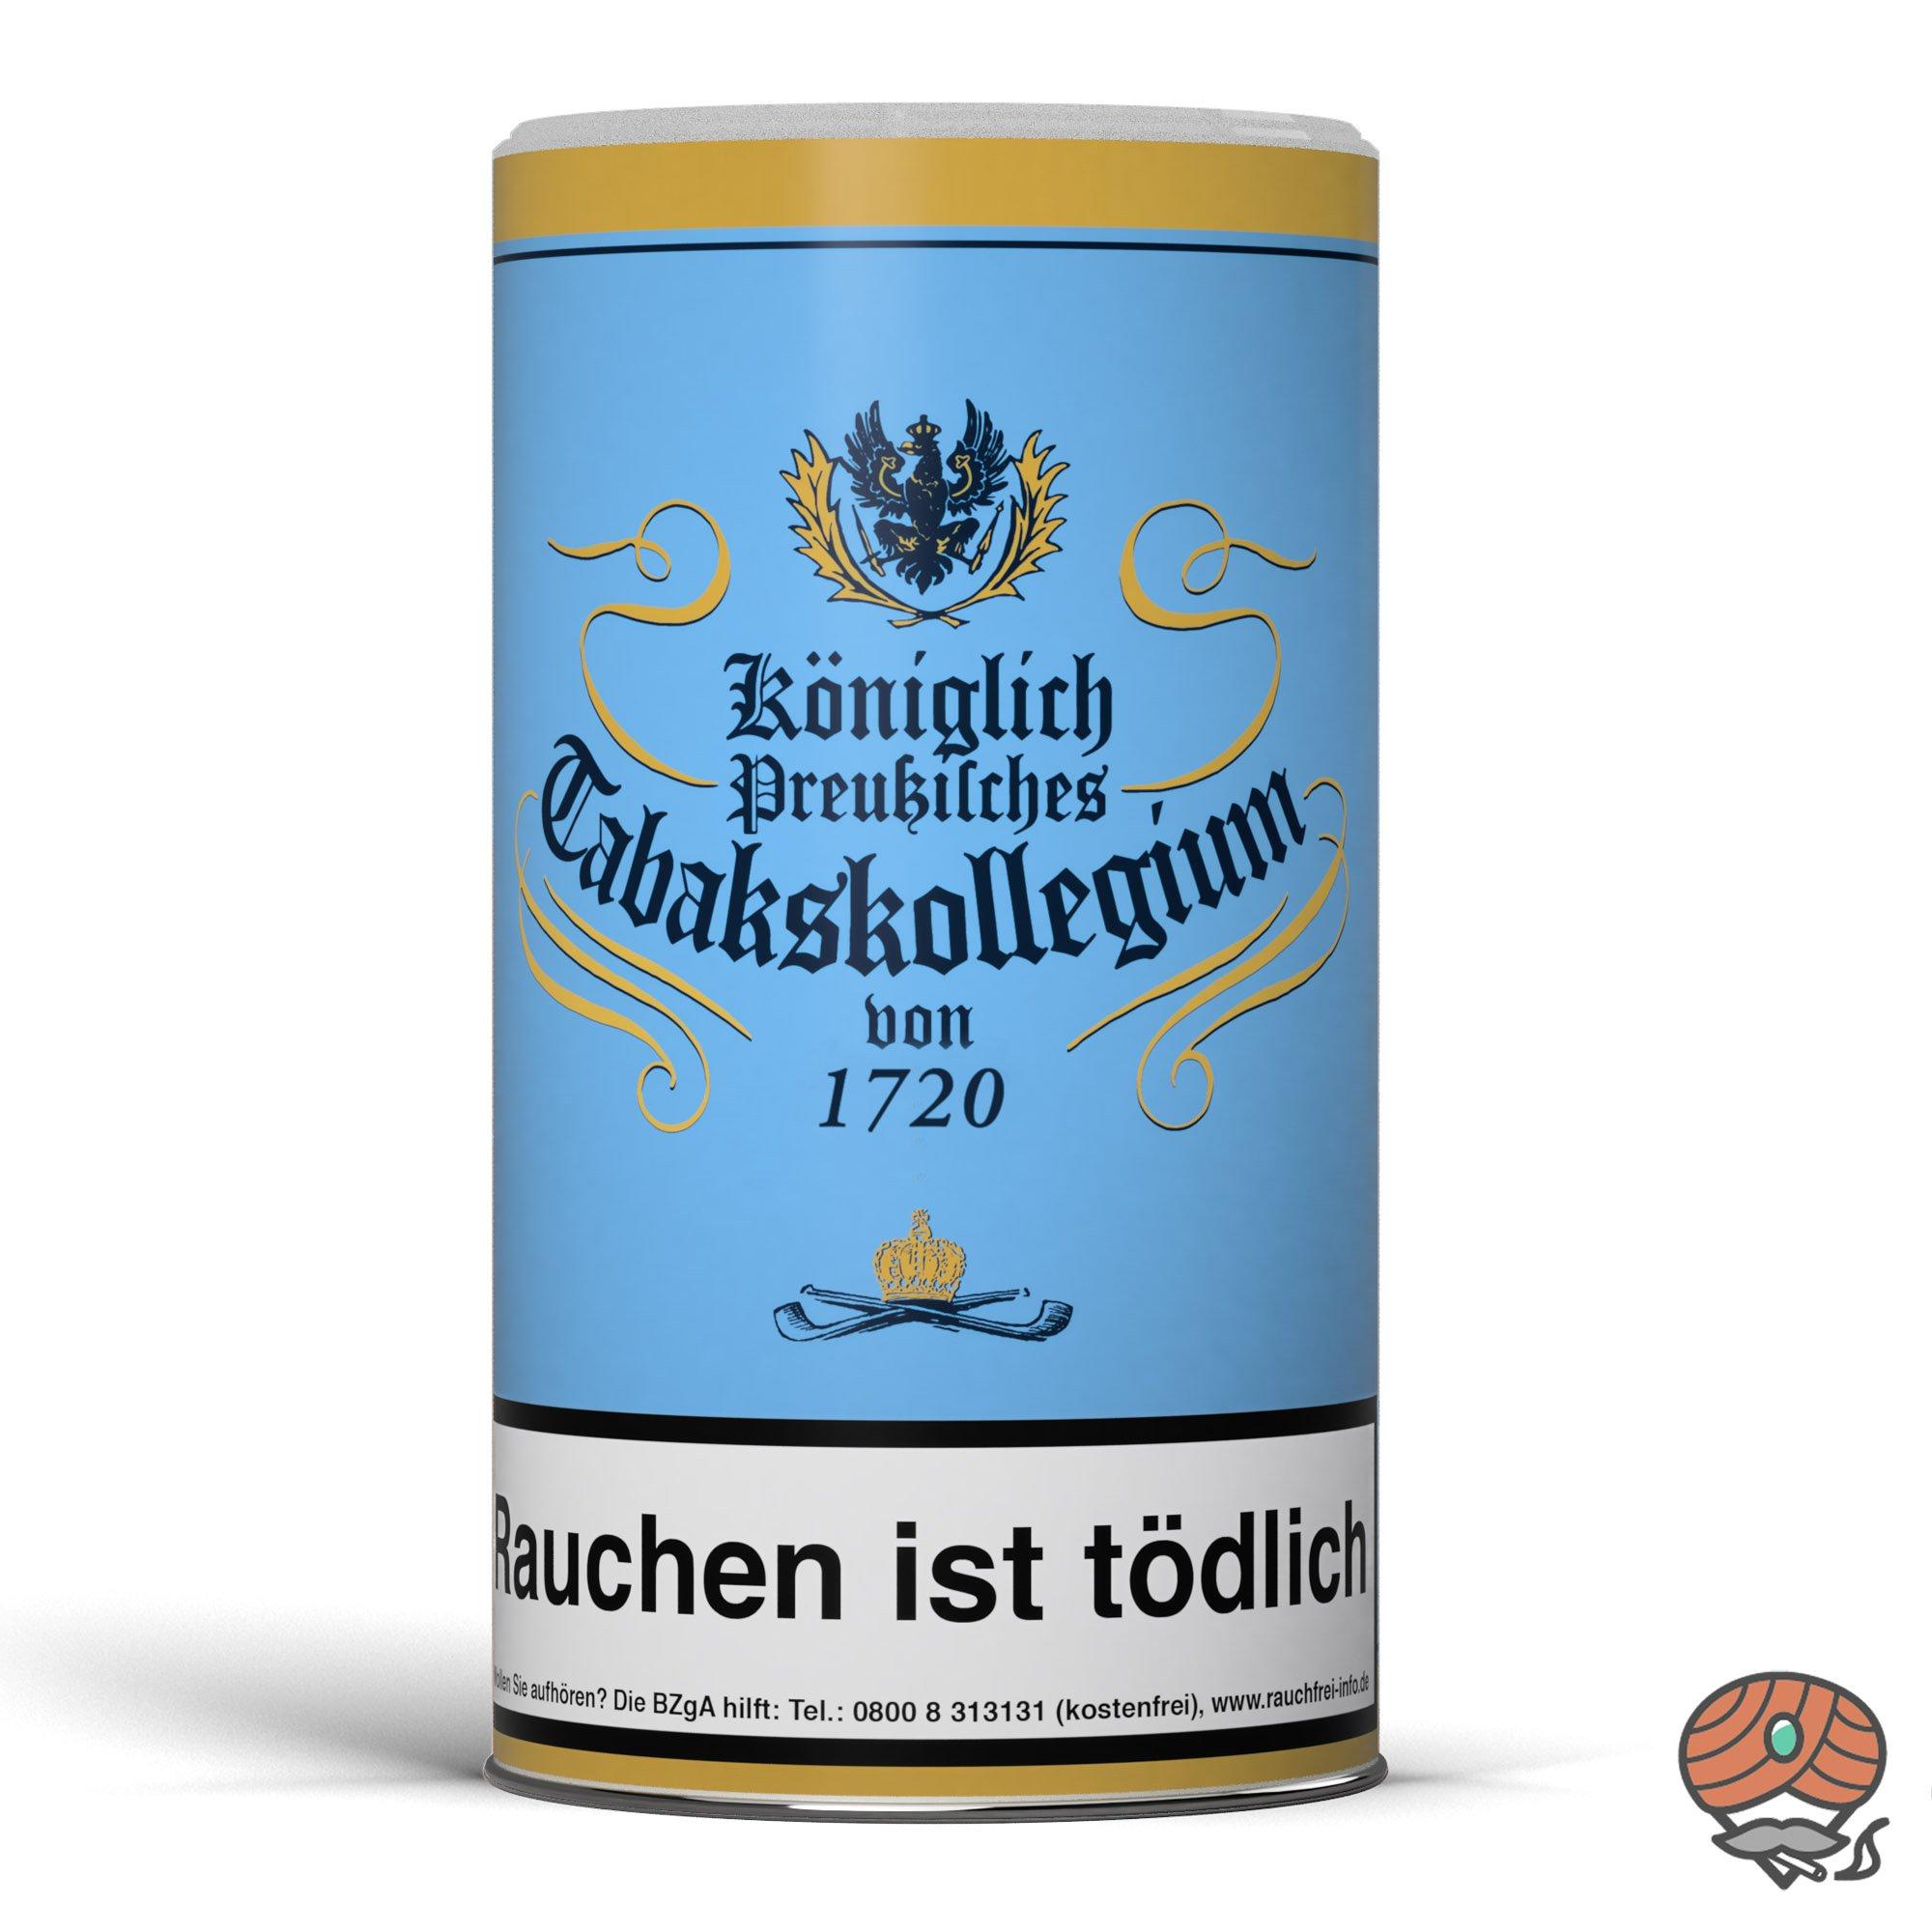 Königlich Preußisches Tabakskollegium (KPT) Blau 1720 Pfeifentabak 200g